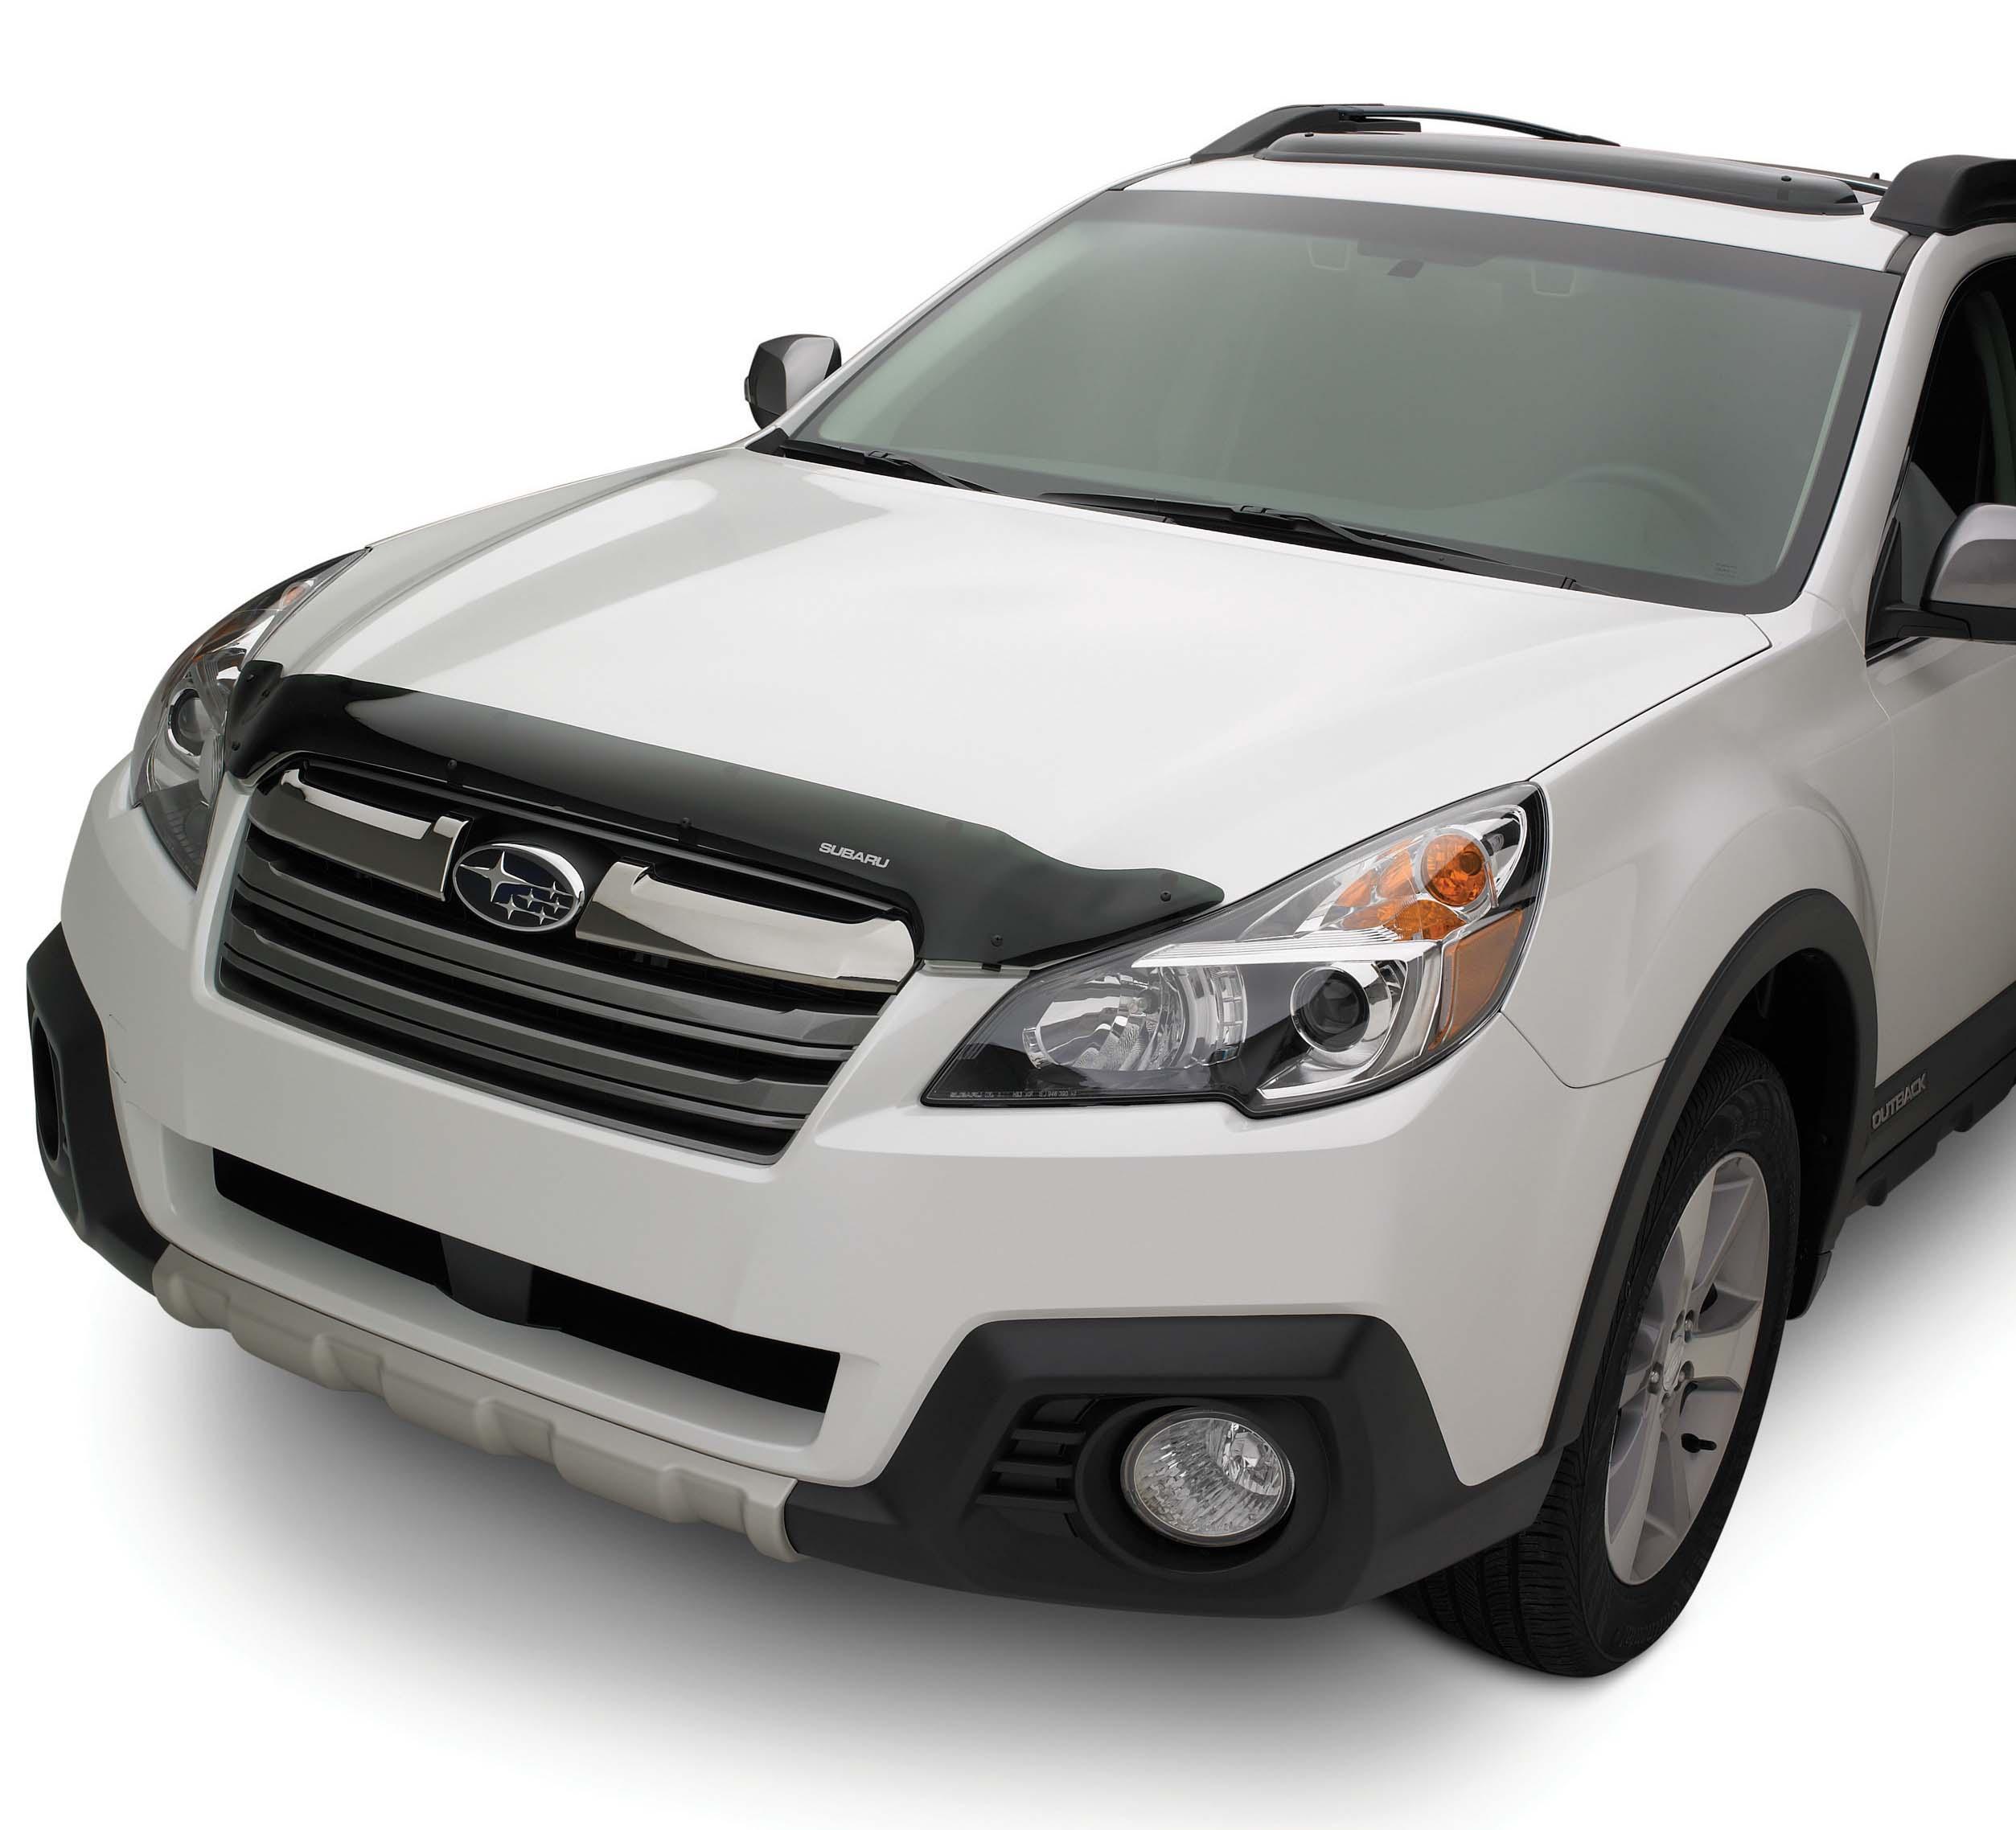 Shop Genuine Subaru Outback Accessories Subaru Of America